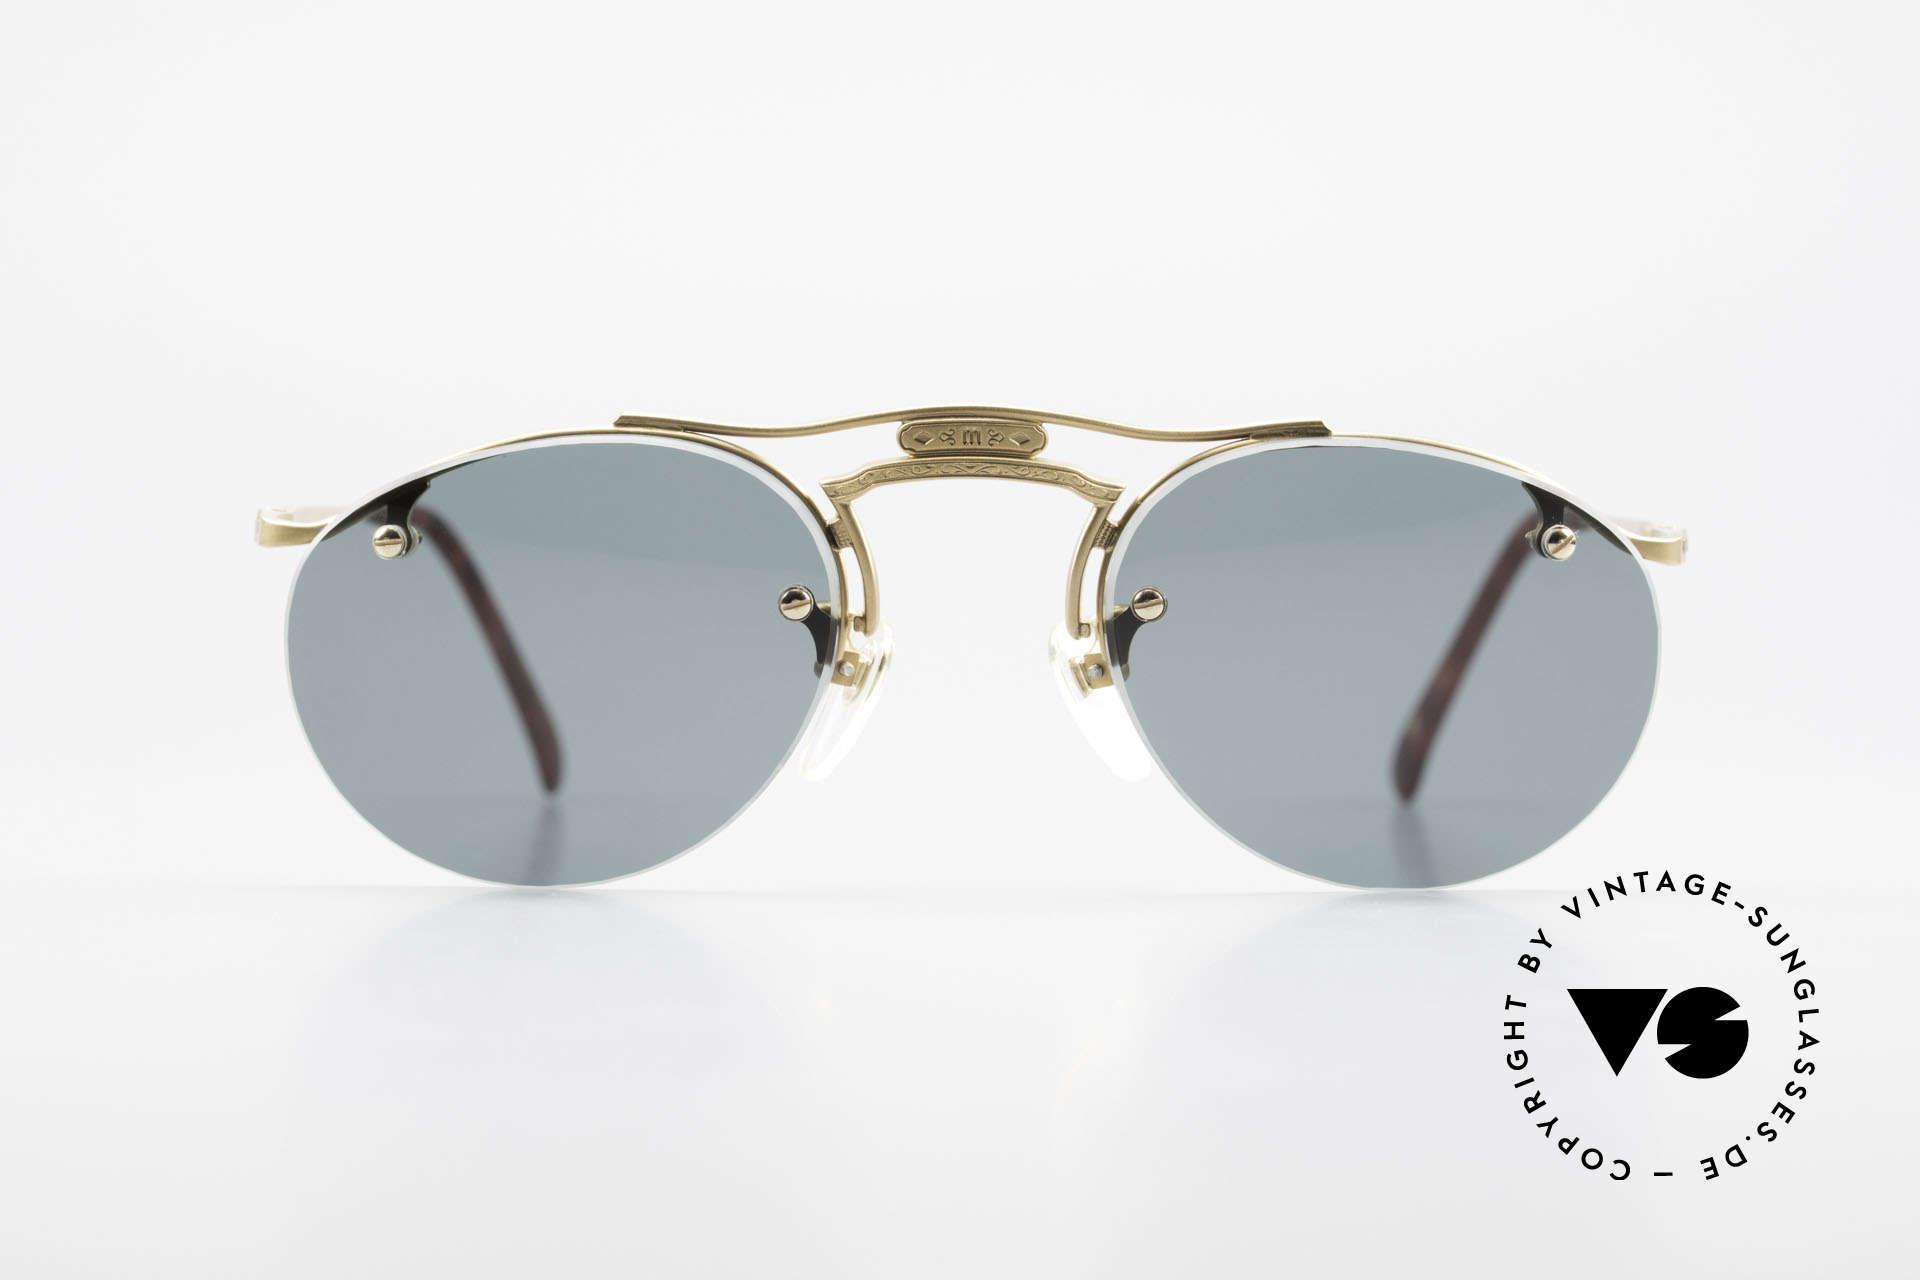 Matsuda 2823 Small Aviator Stil Brille 90er, allerhöchstes Fertigungsniveau sämtlicher Rahmenteile, Passend für Herren und Damen